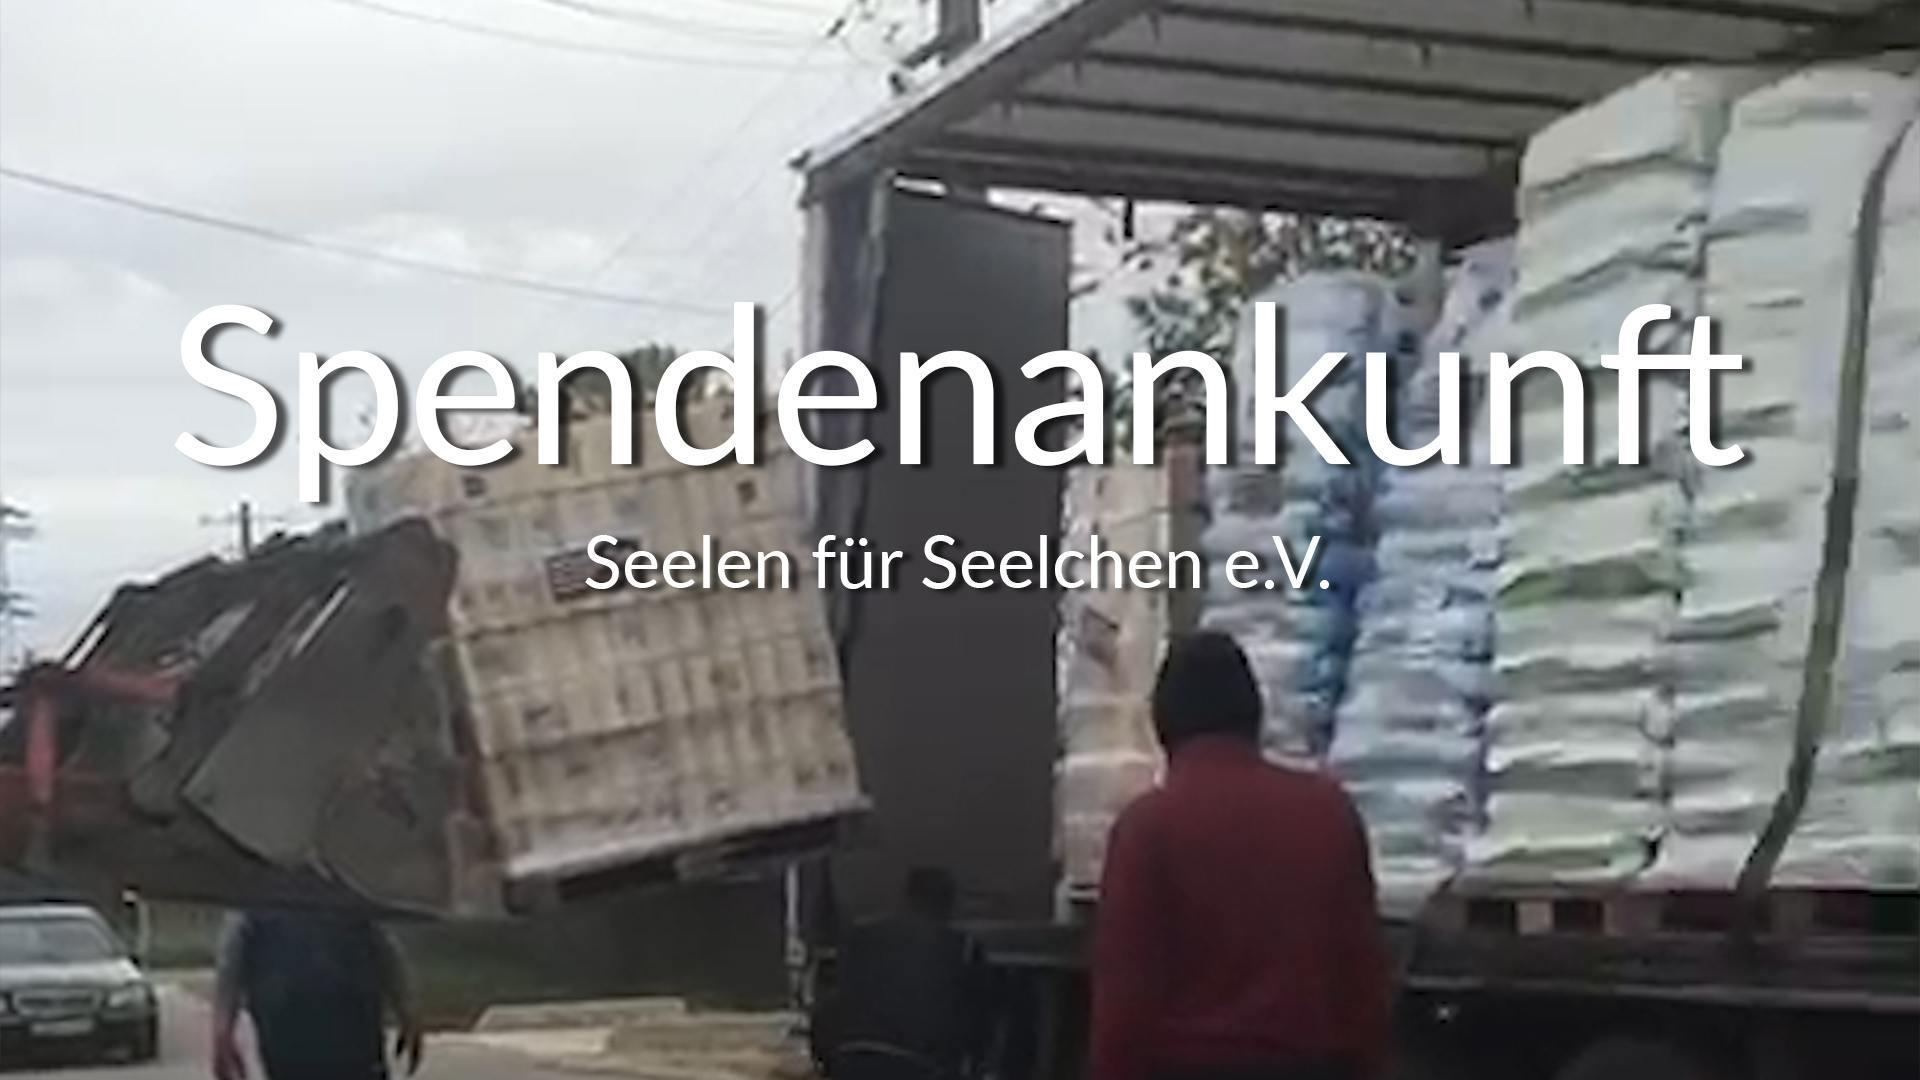 Seelen für Seelchen e.V.-Futterspendenankunft-april-2020-Spenden-Marathon-2019-Rumänien_VIDEO